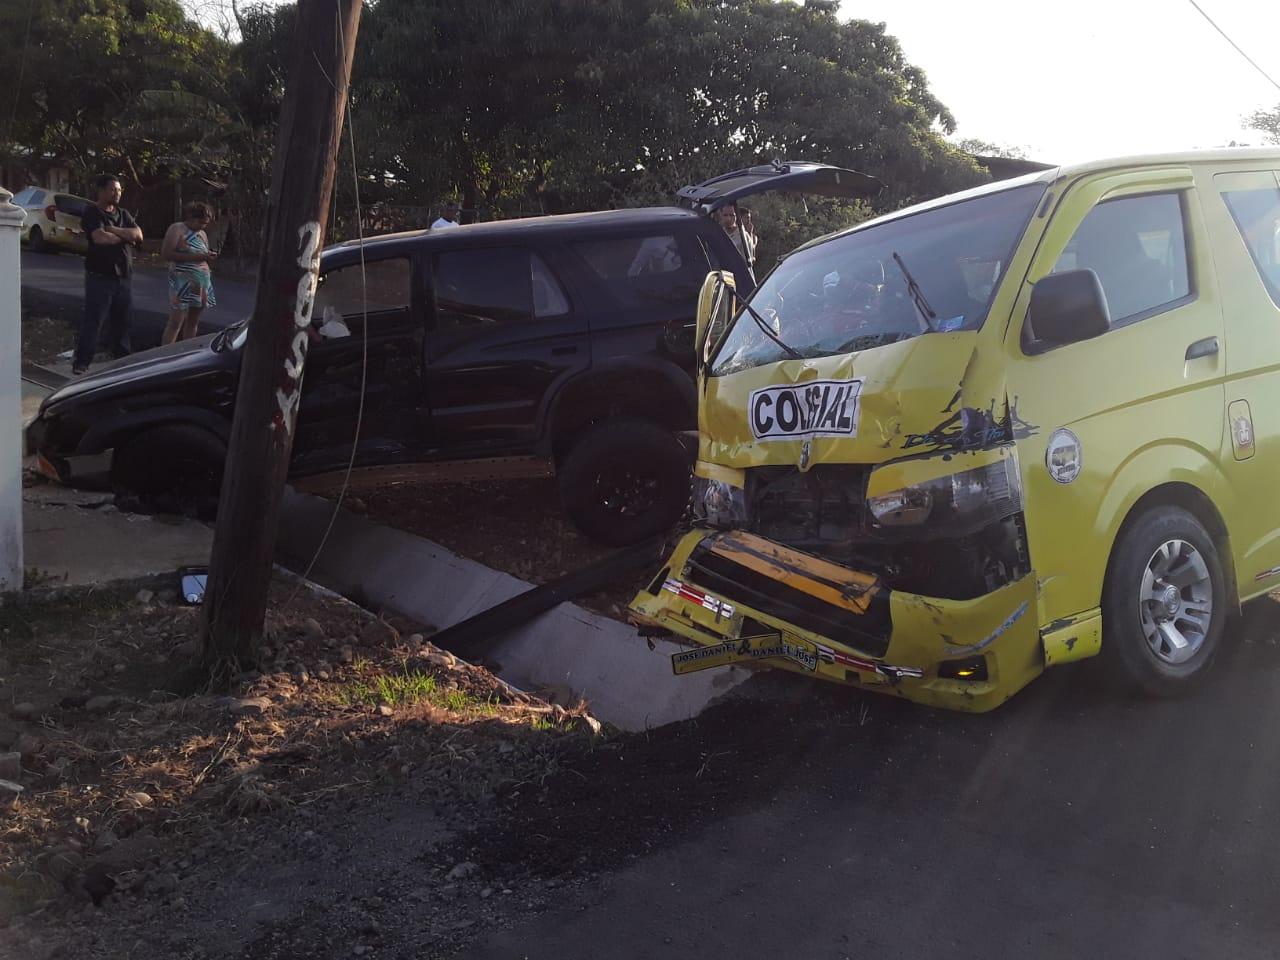 Los 10 estudiantes fueron evaluados tras el accidente, y algunos presentaban lesiones como latigazo y nerviosismo. FOTO/THAYS DOMÍNGUEZ